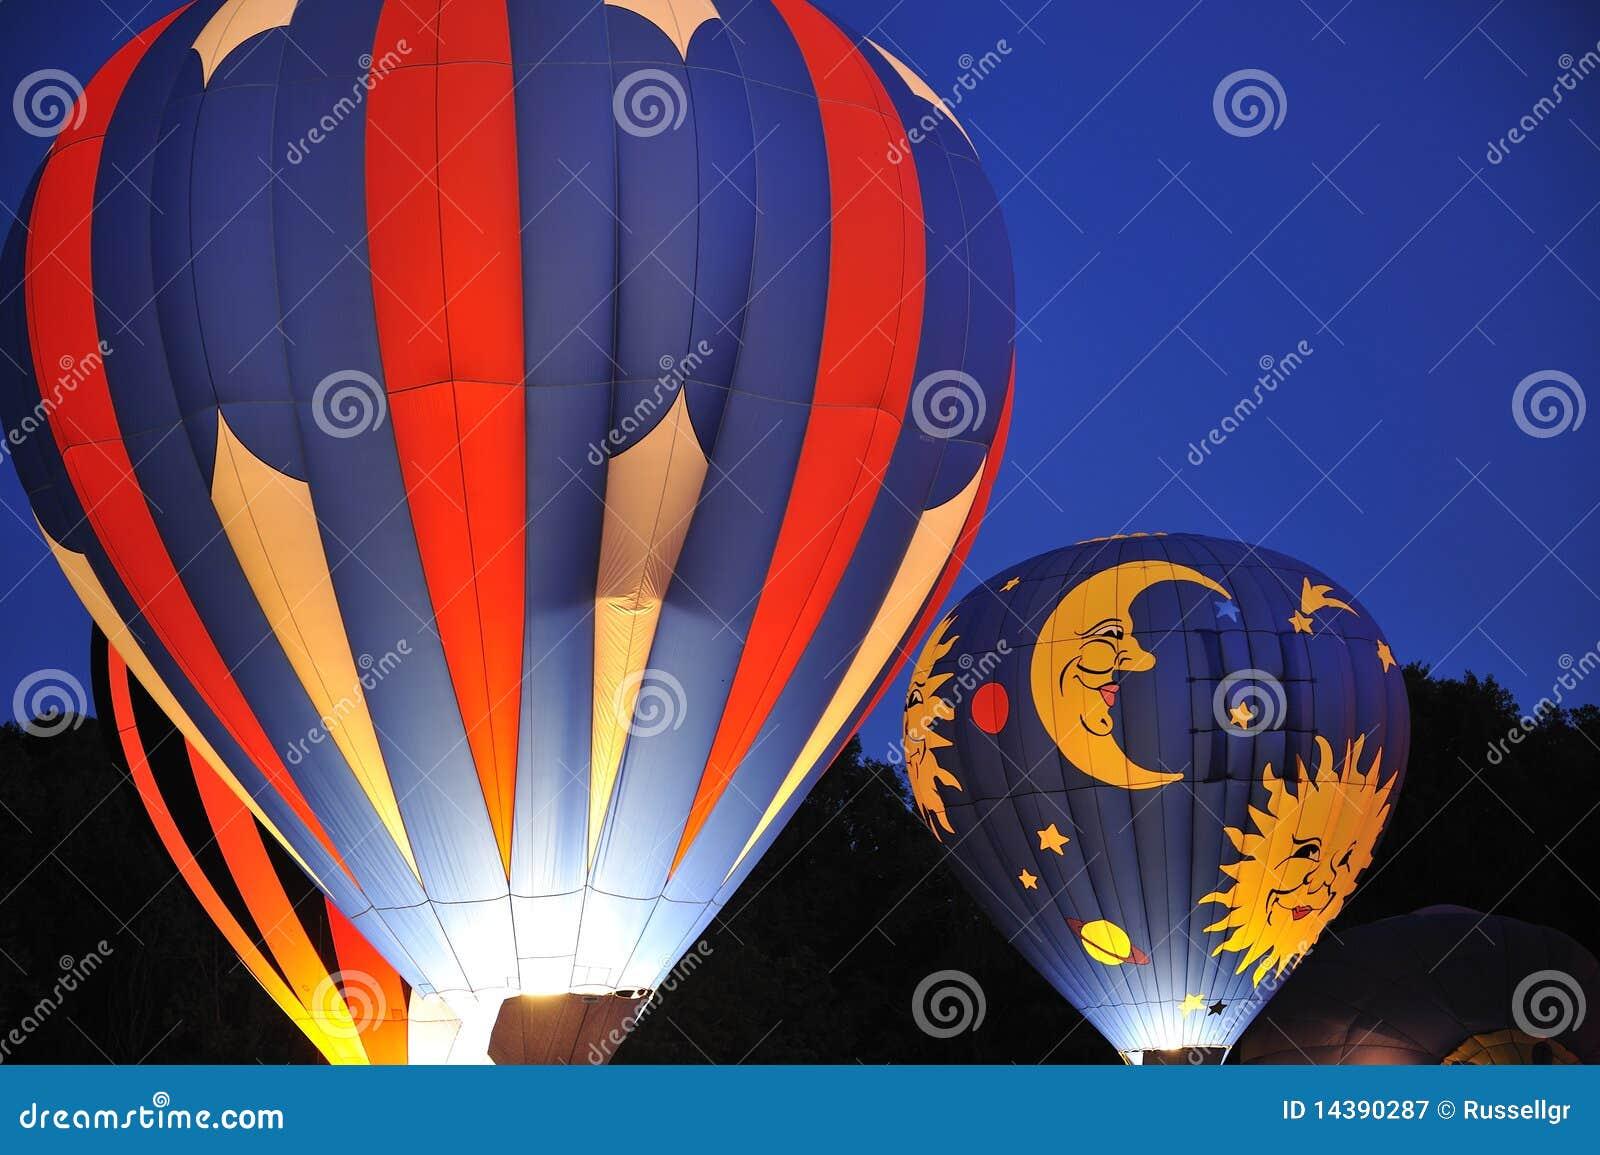 Hot Air Balloons At Night Royalty Free Stock Photography ...